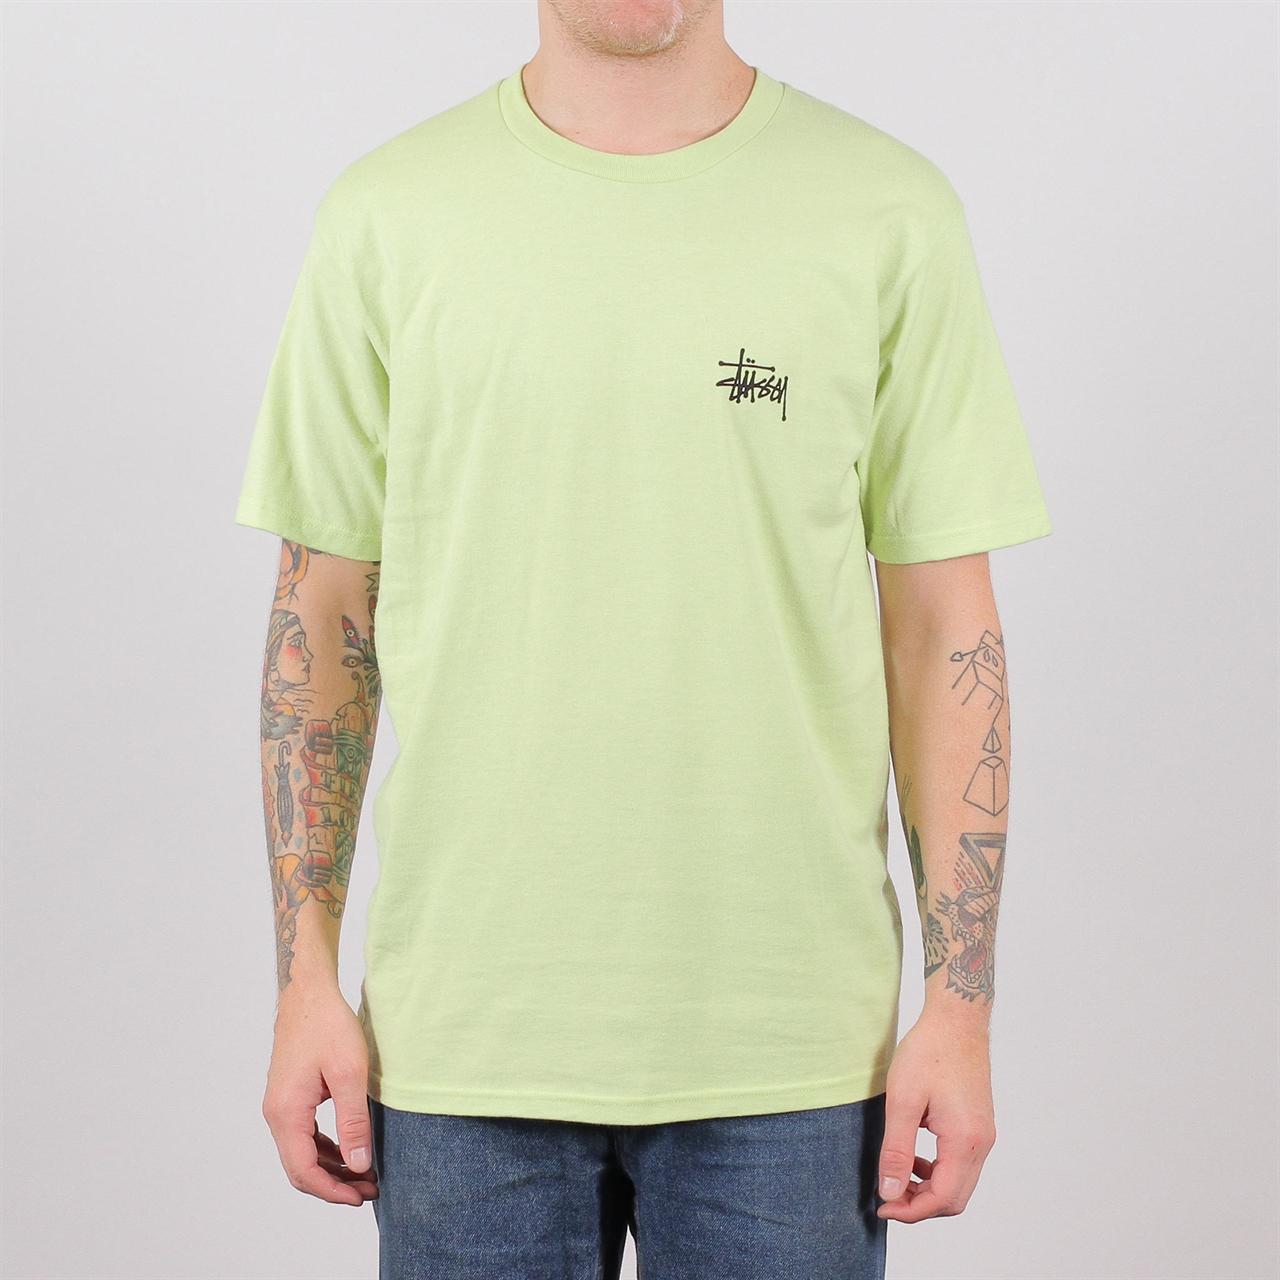 8de17872040 Shelta - Stussy Basic Tee Pale Green (1904257-PGR)